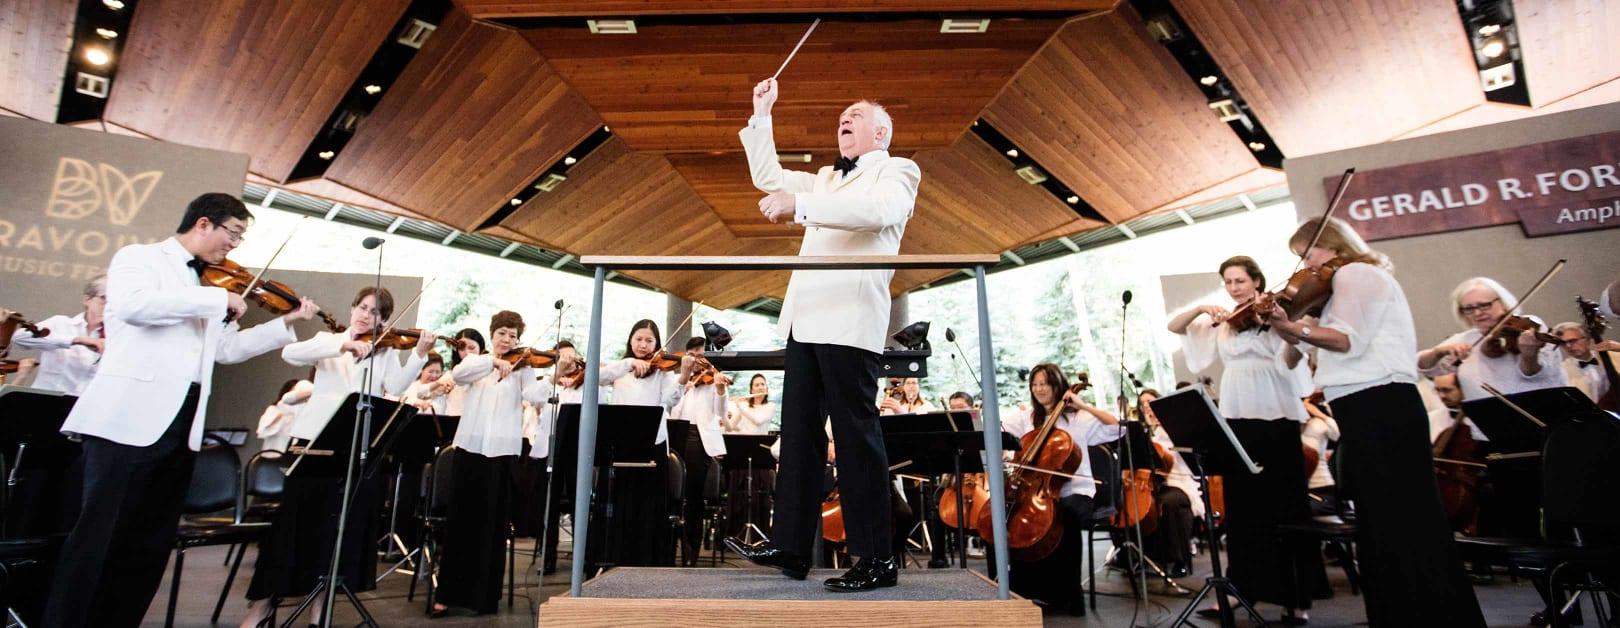 CANCELLED: Bravo! Vail: Tovey Conducts Bernstein and Sondheim